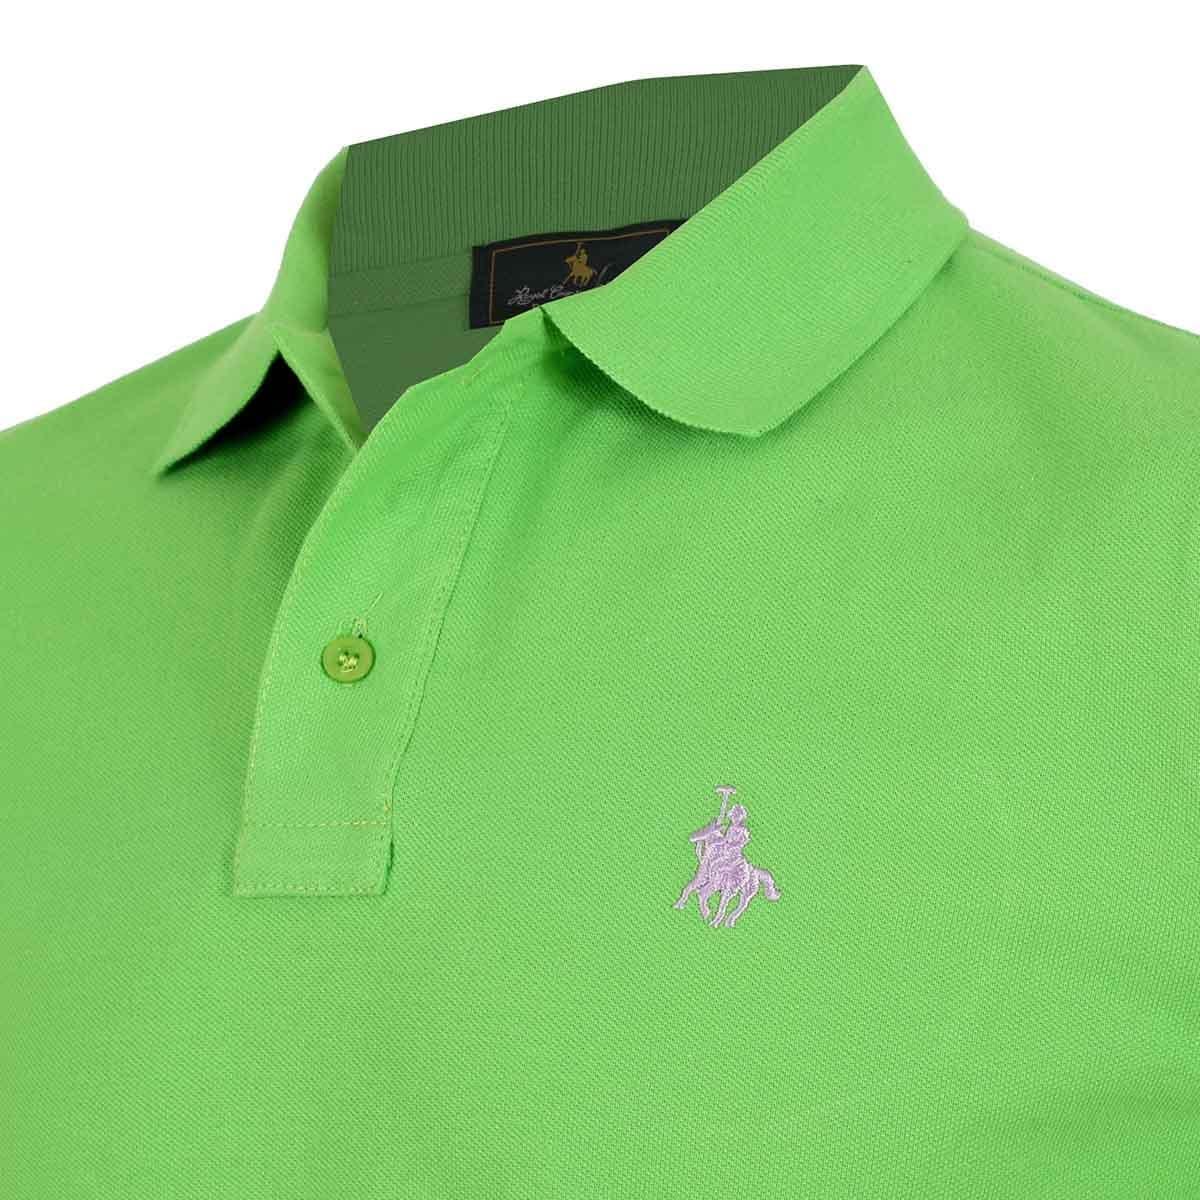 Playera Básica Polo Club para Caballero